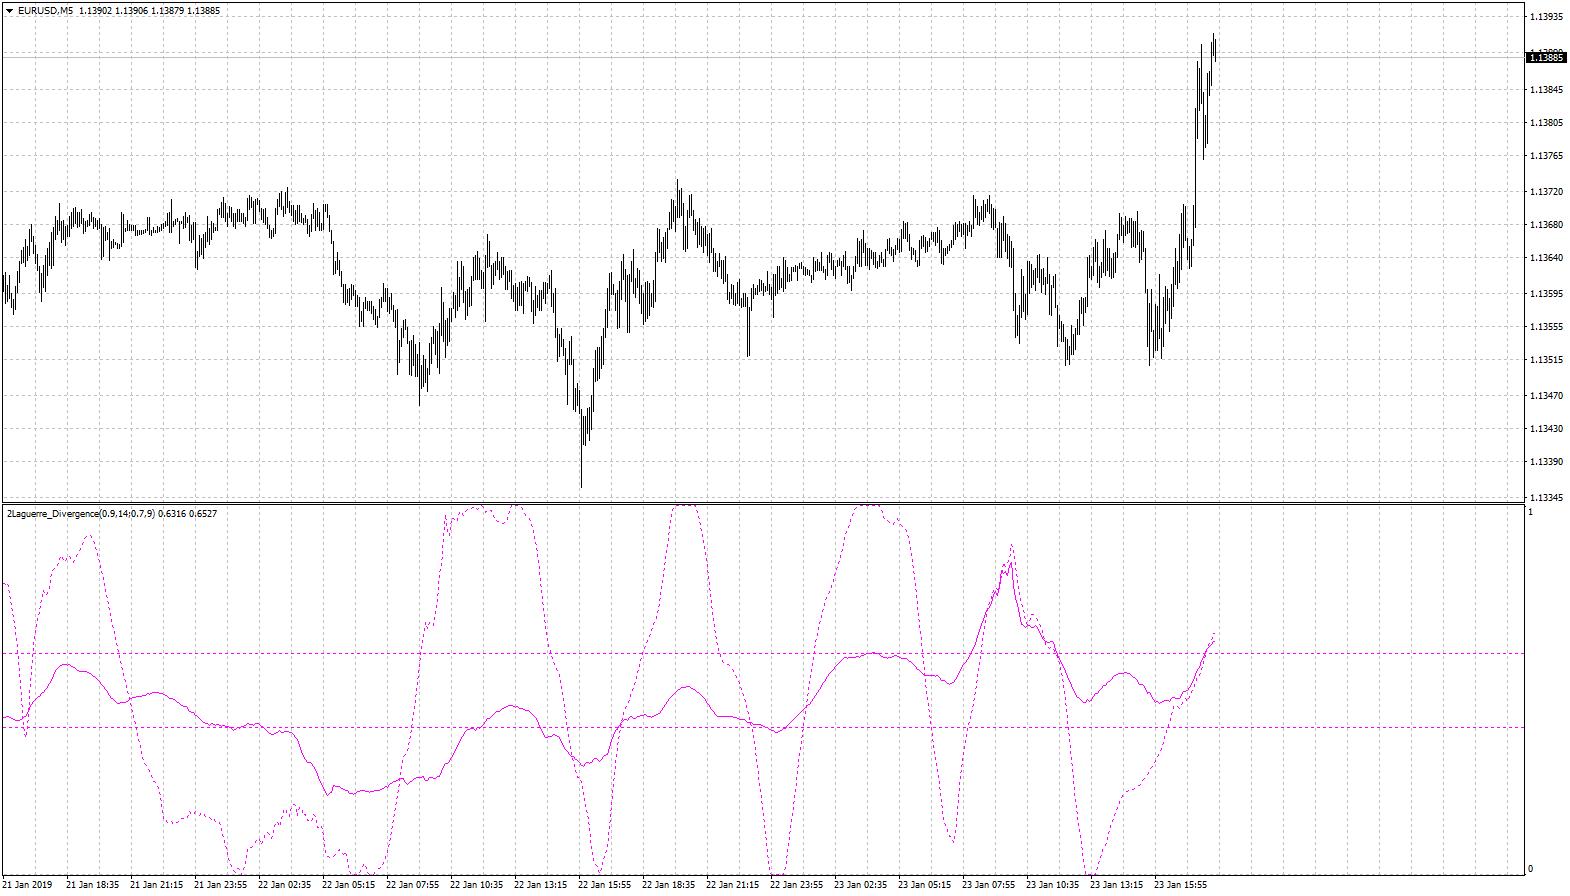 Leguerre Indicator Gamma 0.9